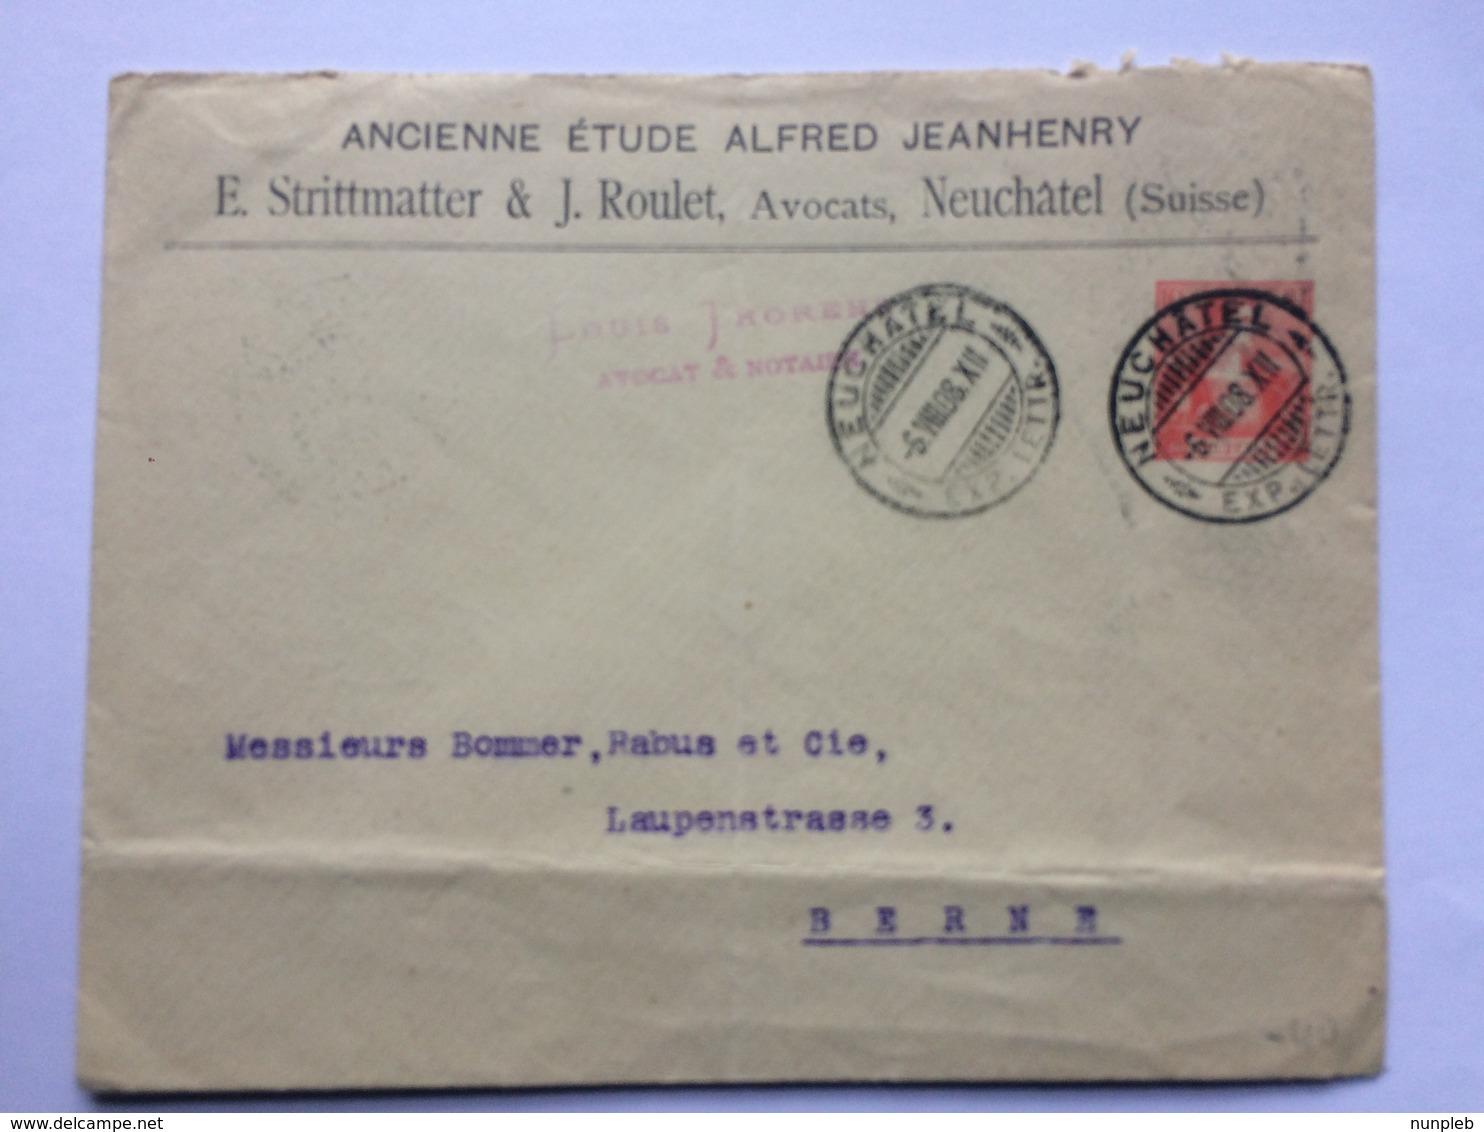 SWITZERLAND 1908 Cover Neuchatel To Berne - Louis Thorens Avocats - Switzerland